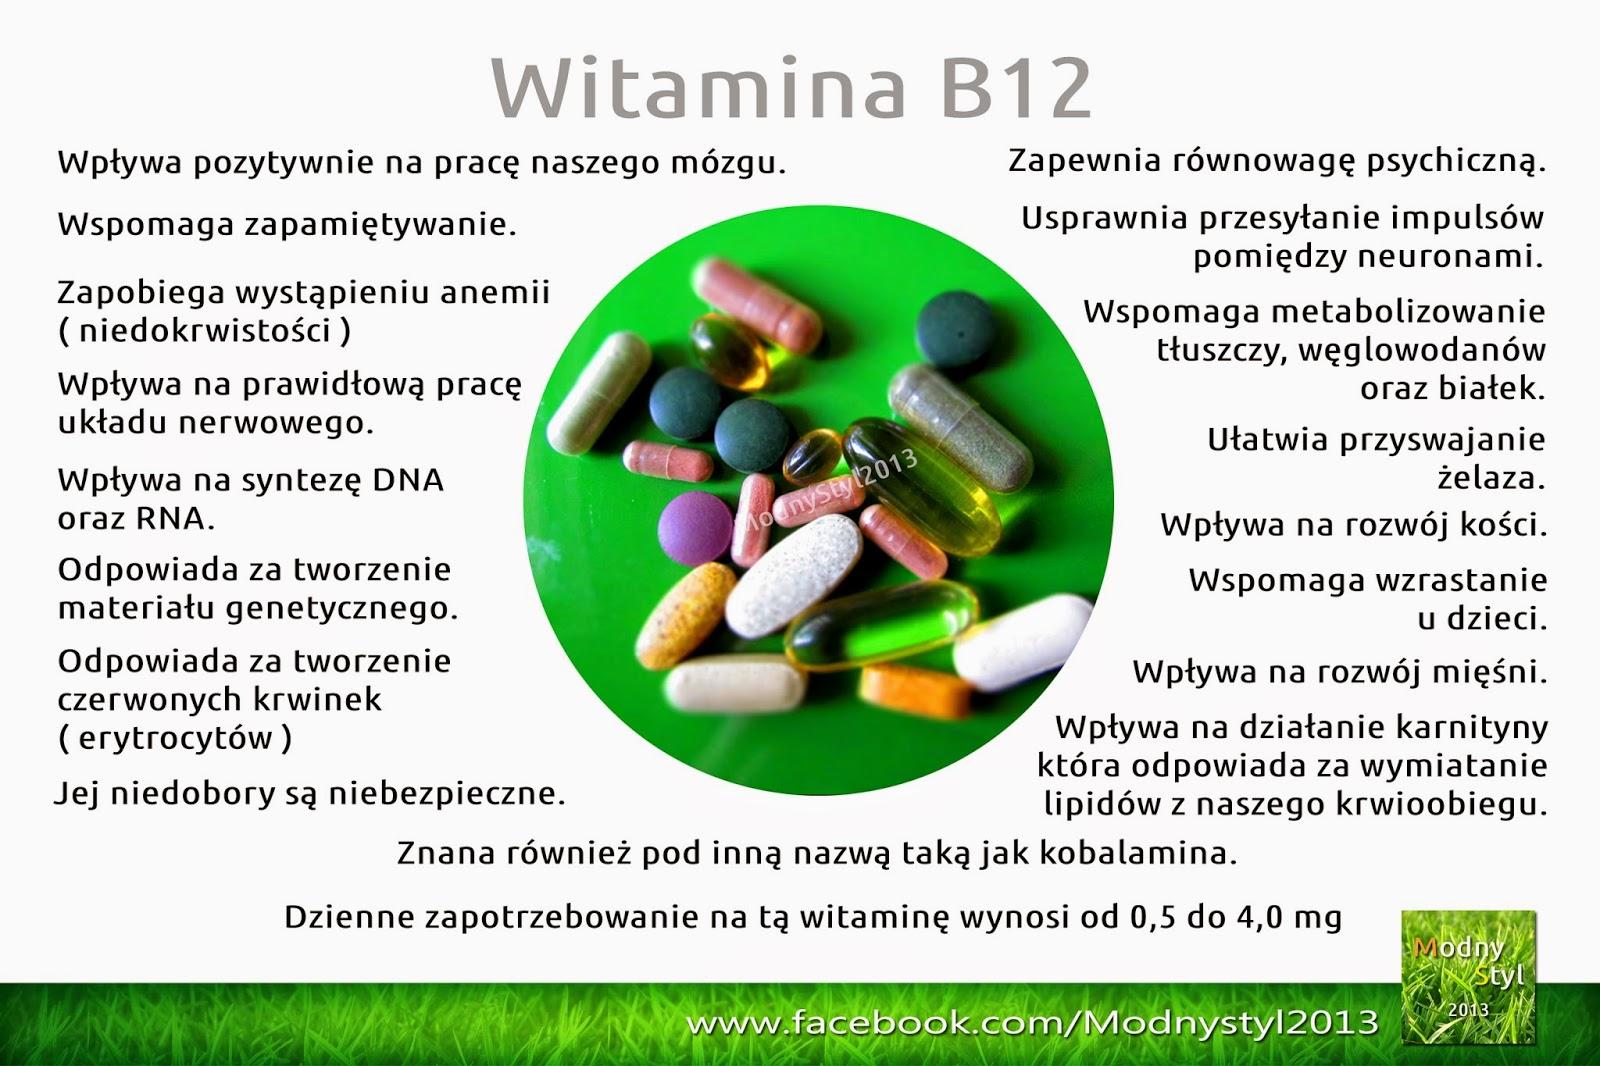 Witamina B12 zwana kobalaminą